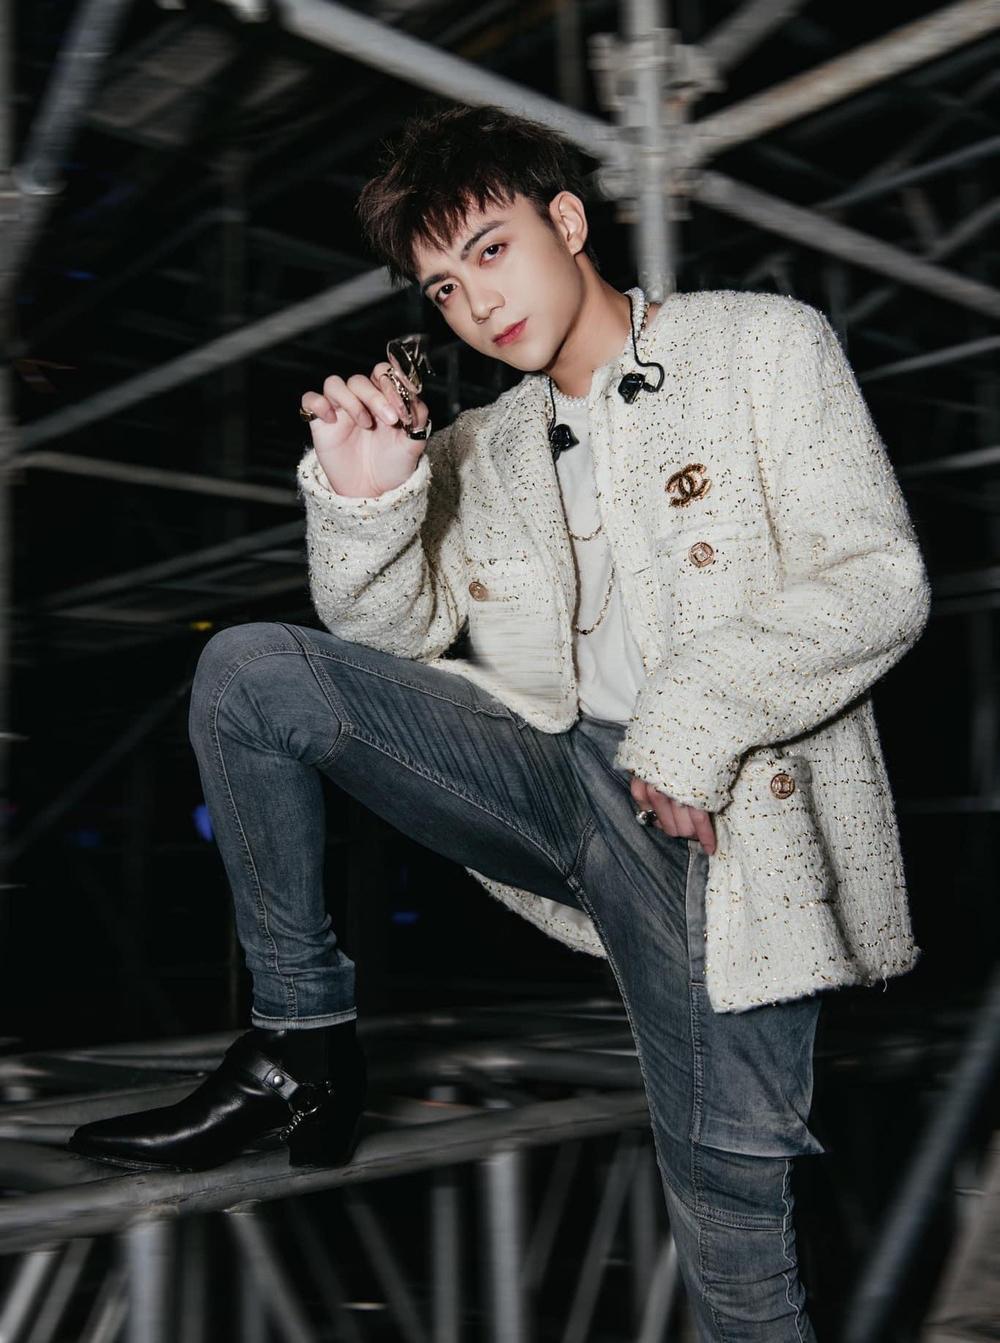 Soobin Hoàng Sơn là sao nam hiếm hoi diện áo khoác vải tweed nhưng vẫn cool ngầu, chất chơi.